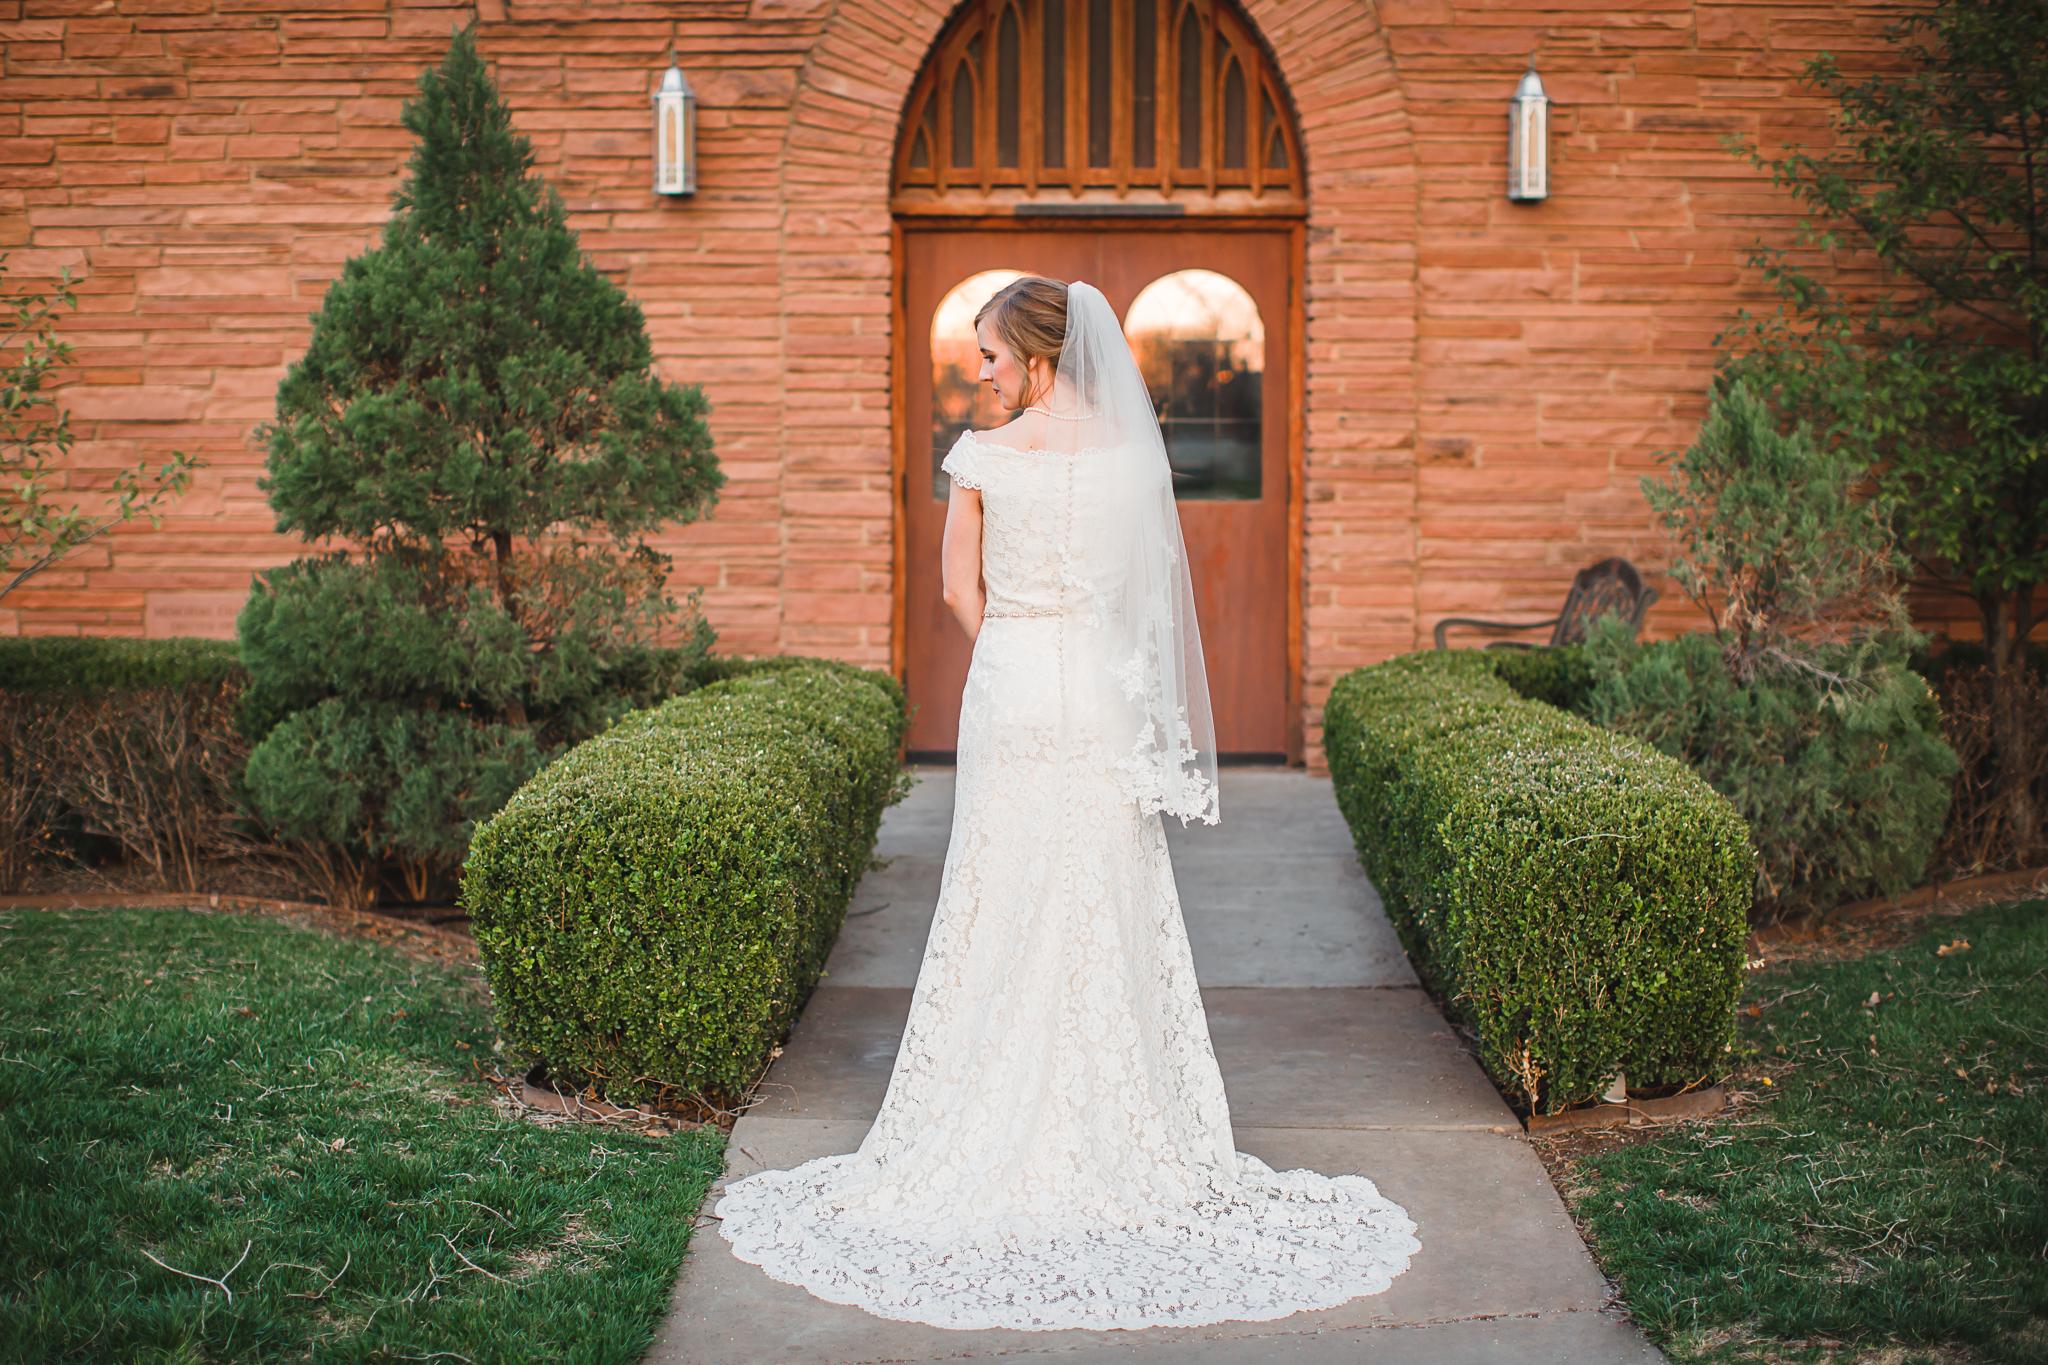 alyssa bridal blog-30.jpg